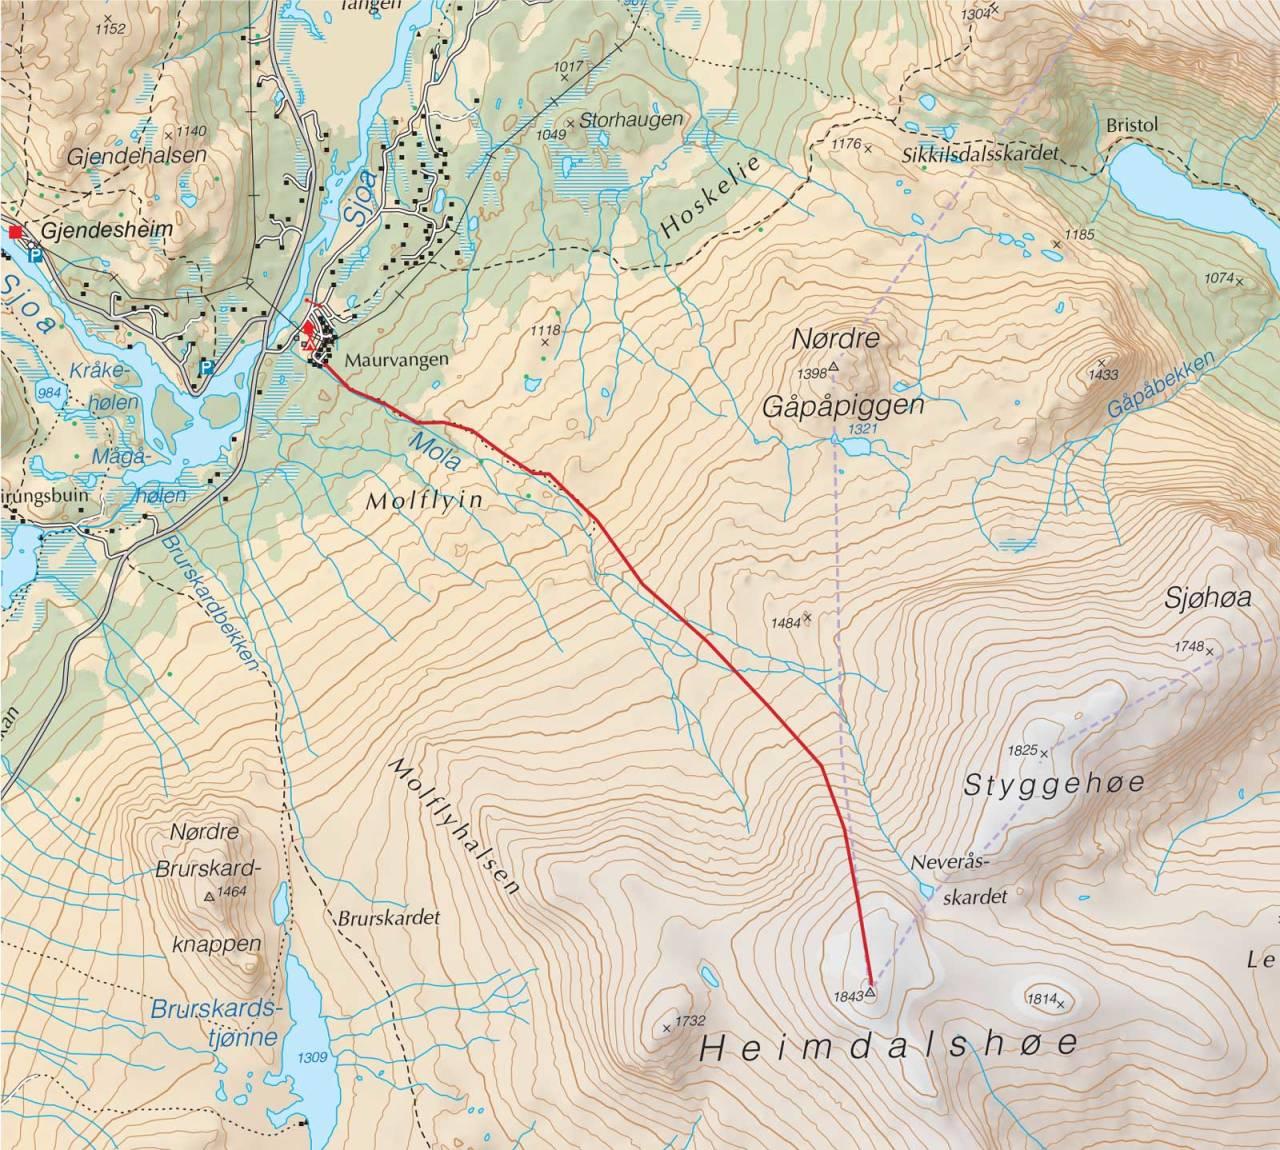 Kart over Heimdalshøe med inntegnet rute. Fra Trygge toppturer